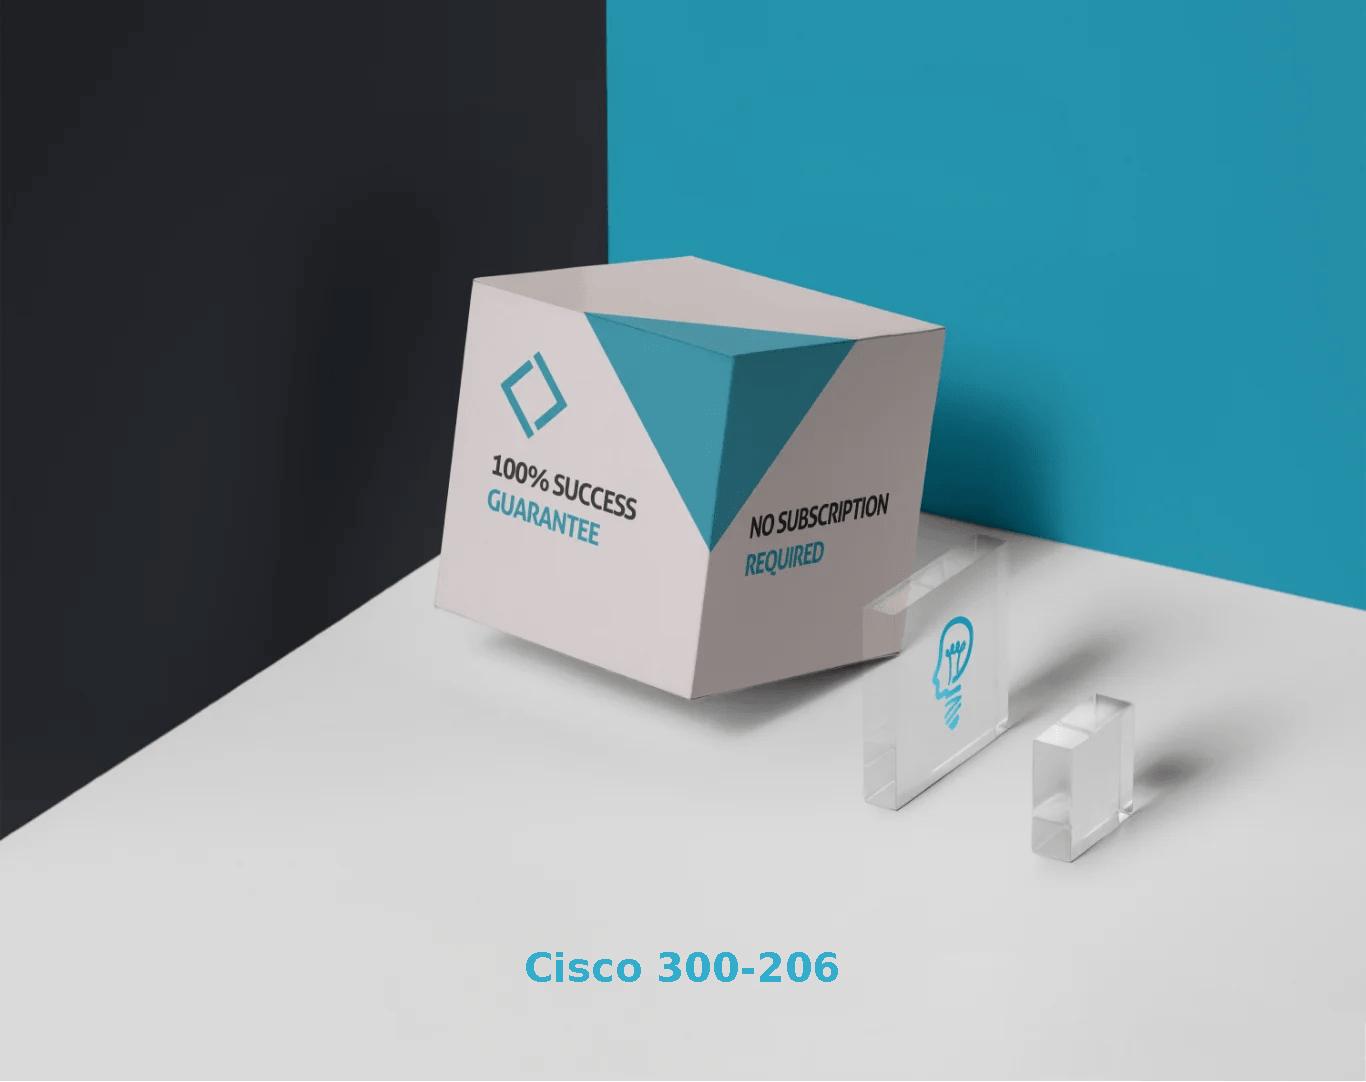 Cisco 300-206 Exams